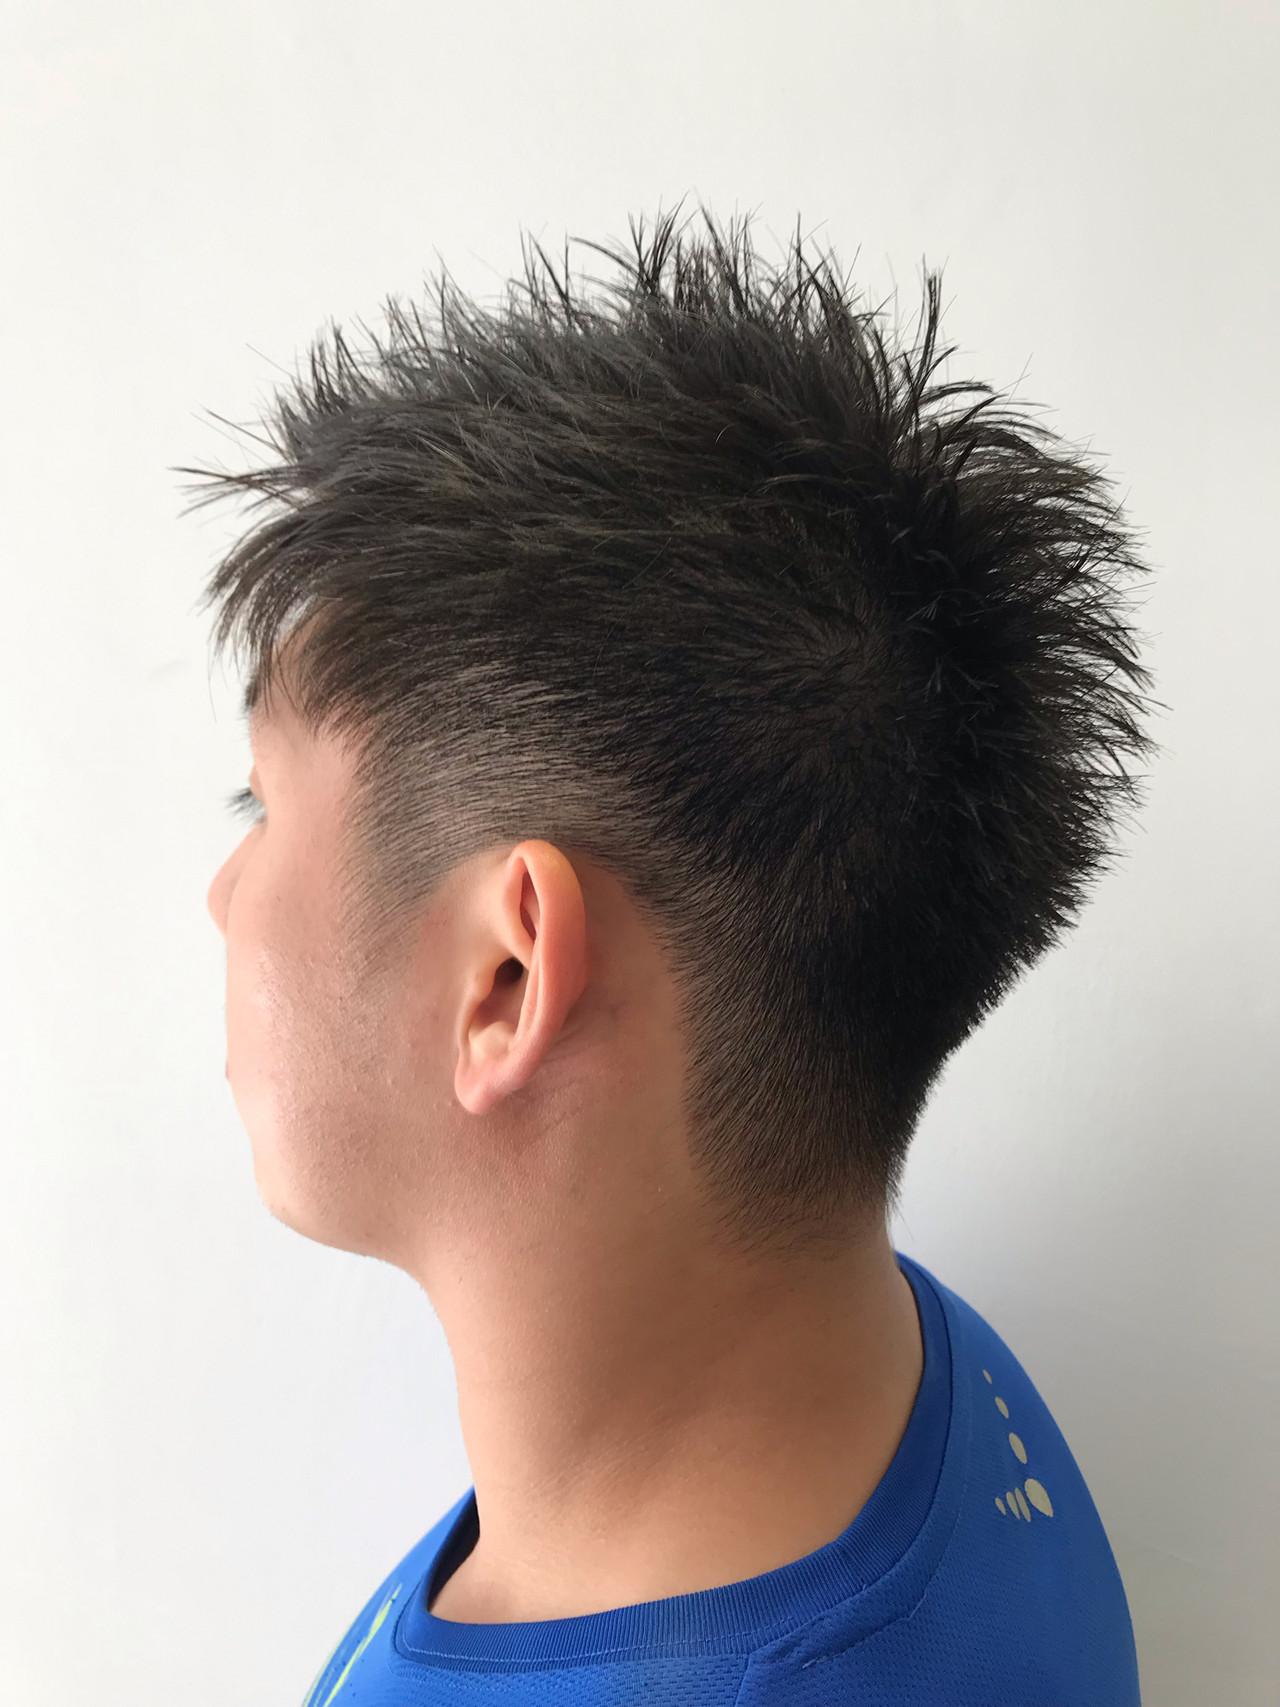 毛束感 メンズショート メンズカット ナチュラル ヘアスタイルや髪型の写真・画像 | Mino Takahiro / Agu hair cardinal 片町店